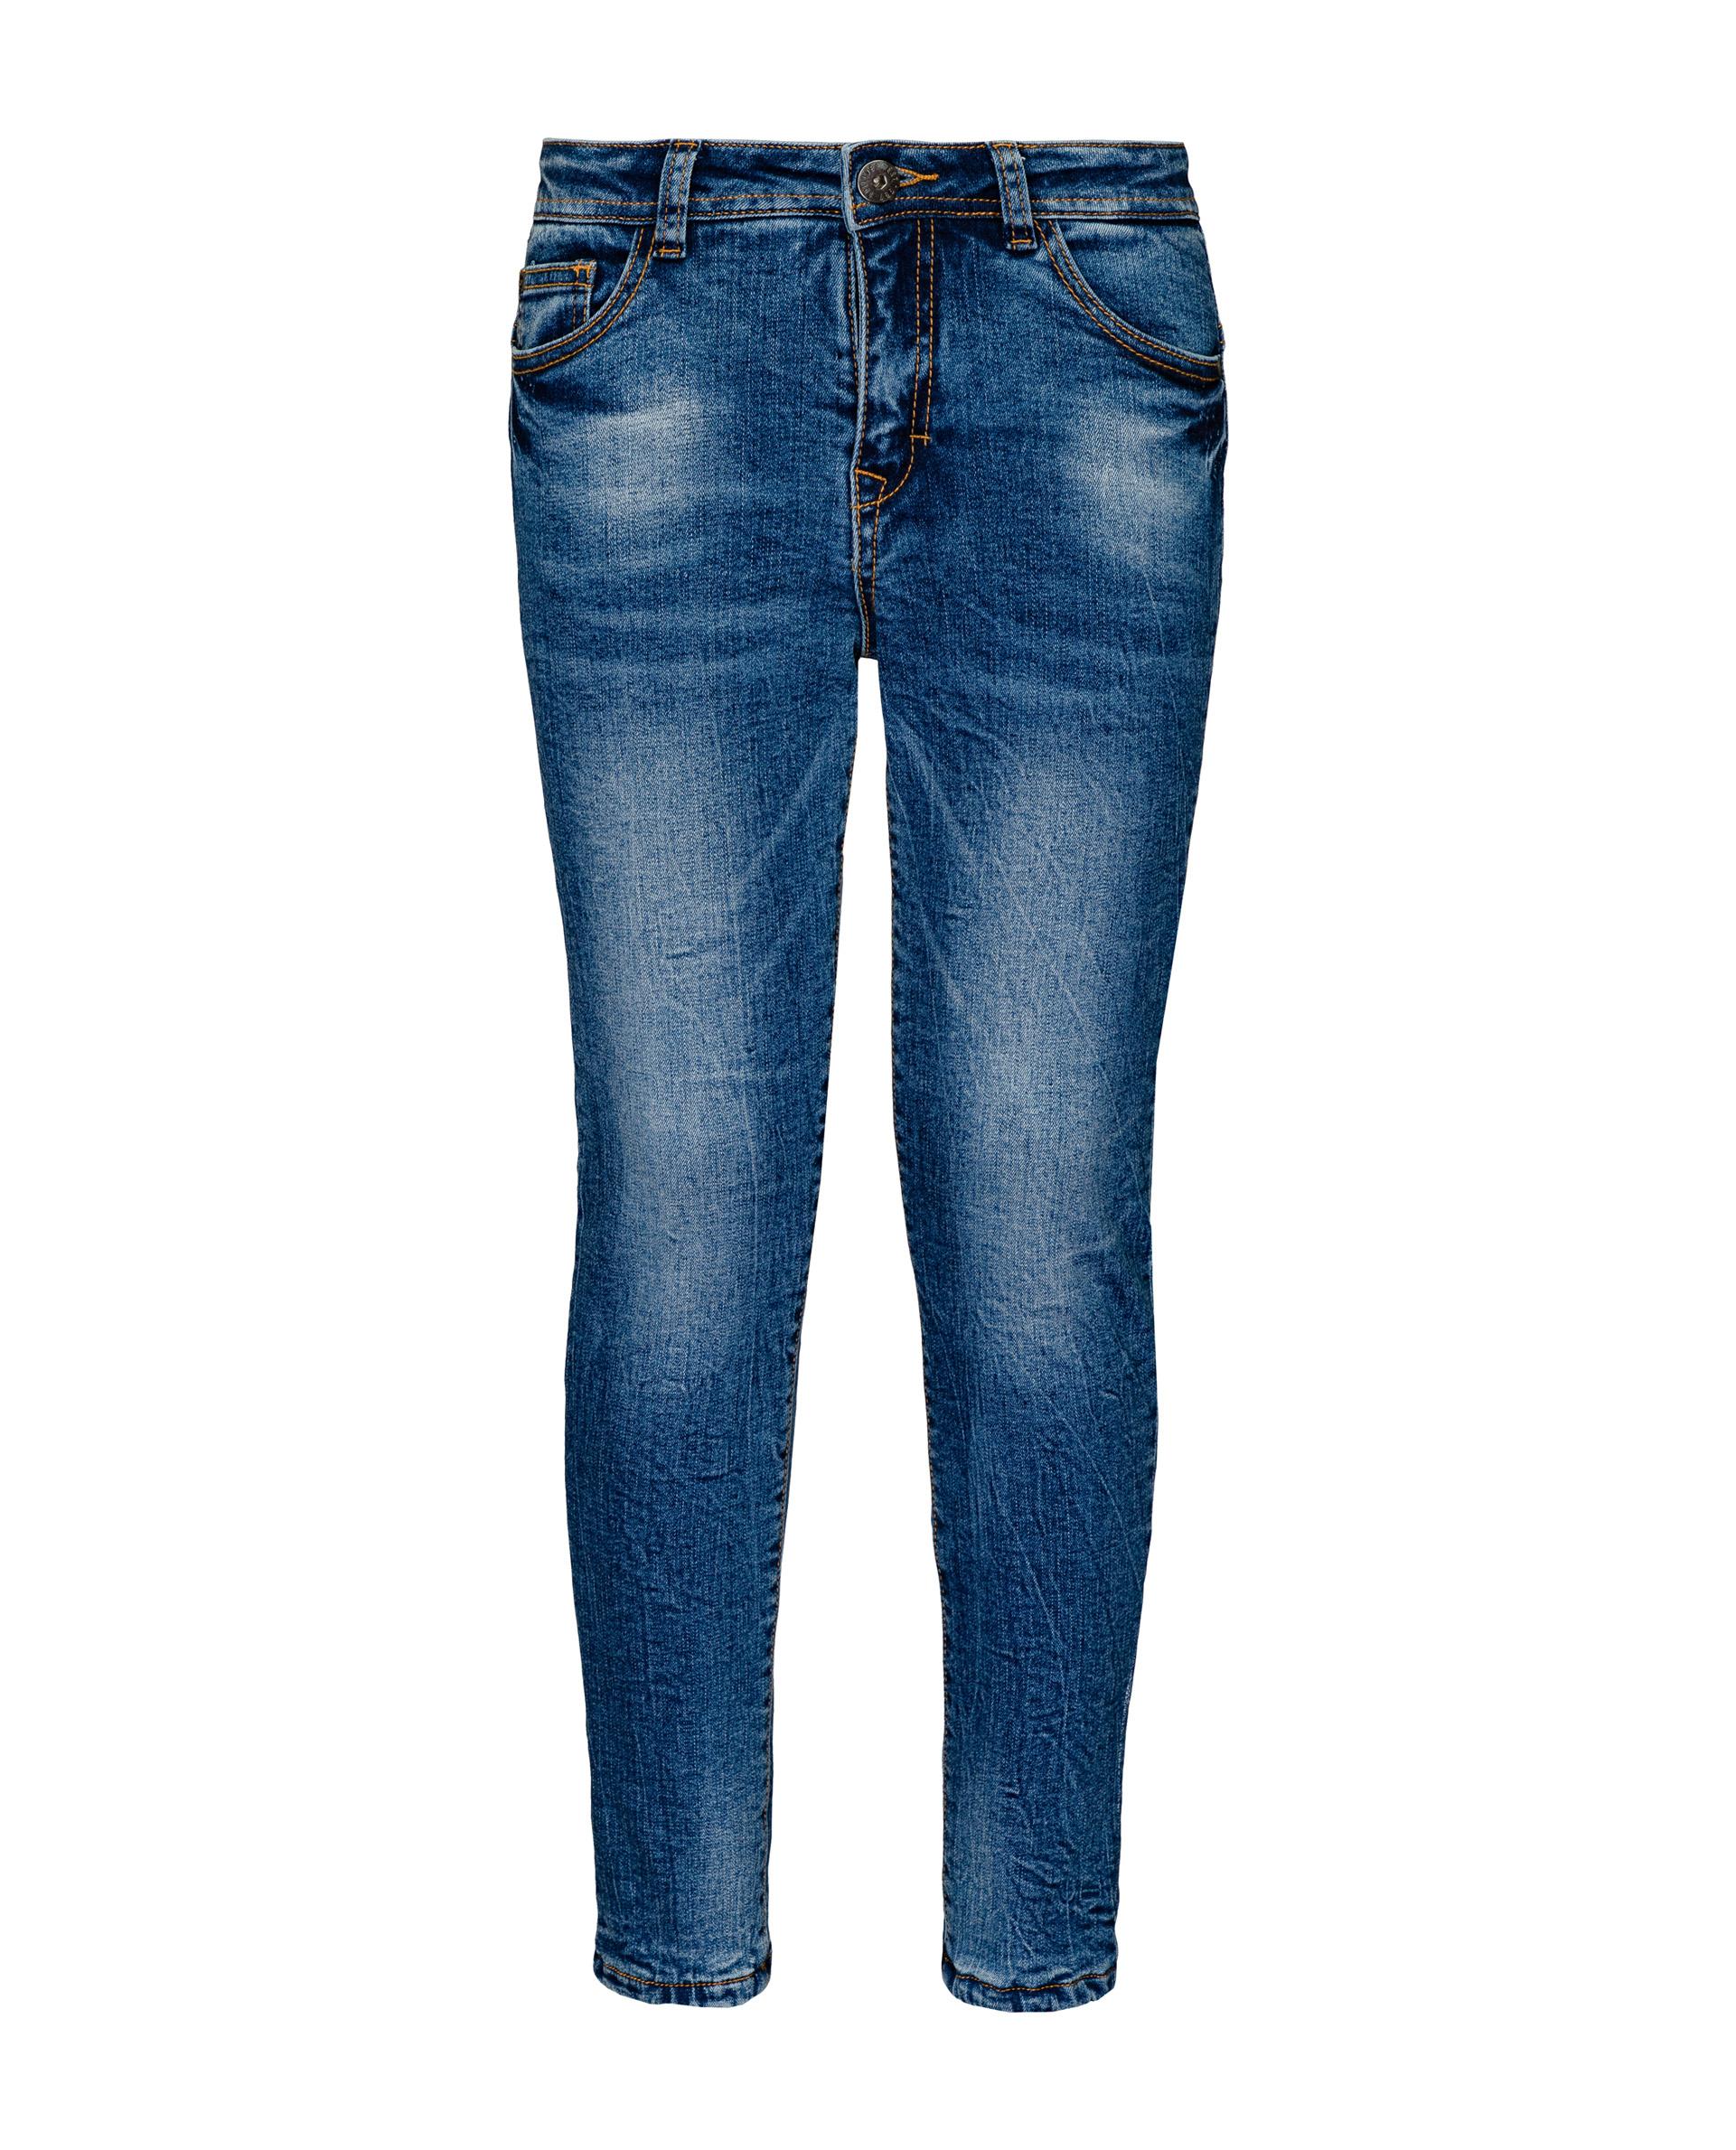 Утепленные джинсы для девочек Gulliver, цв. синий, р.164 21908GJC6407